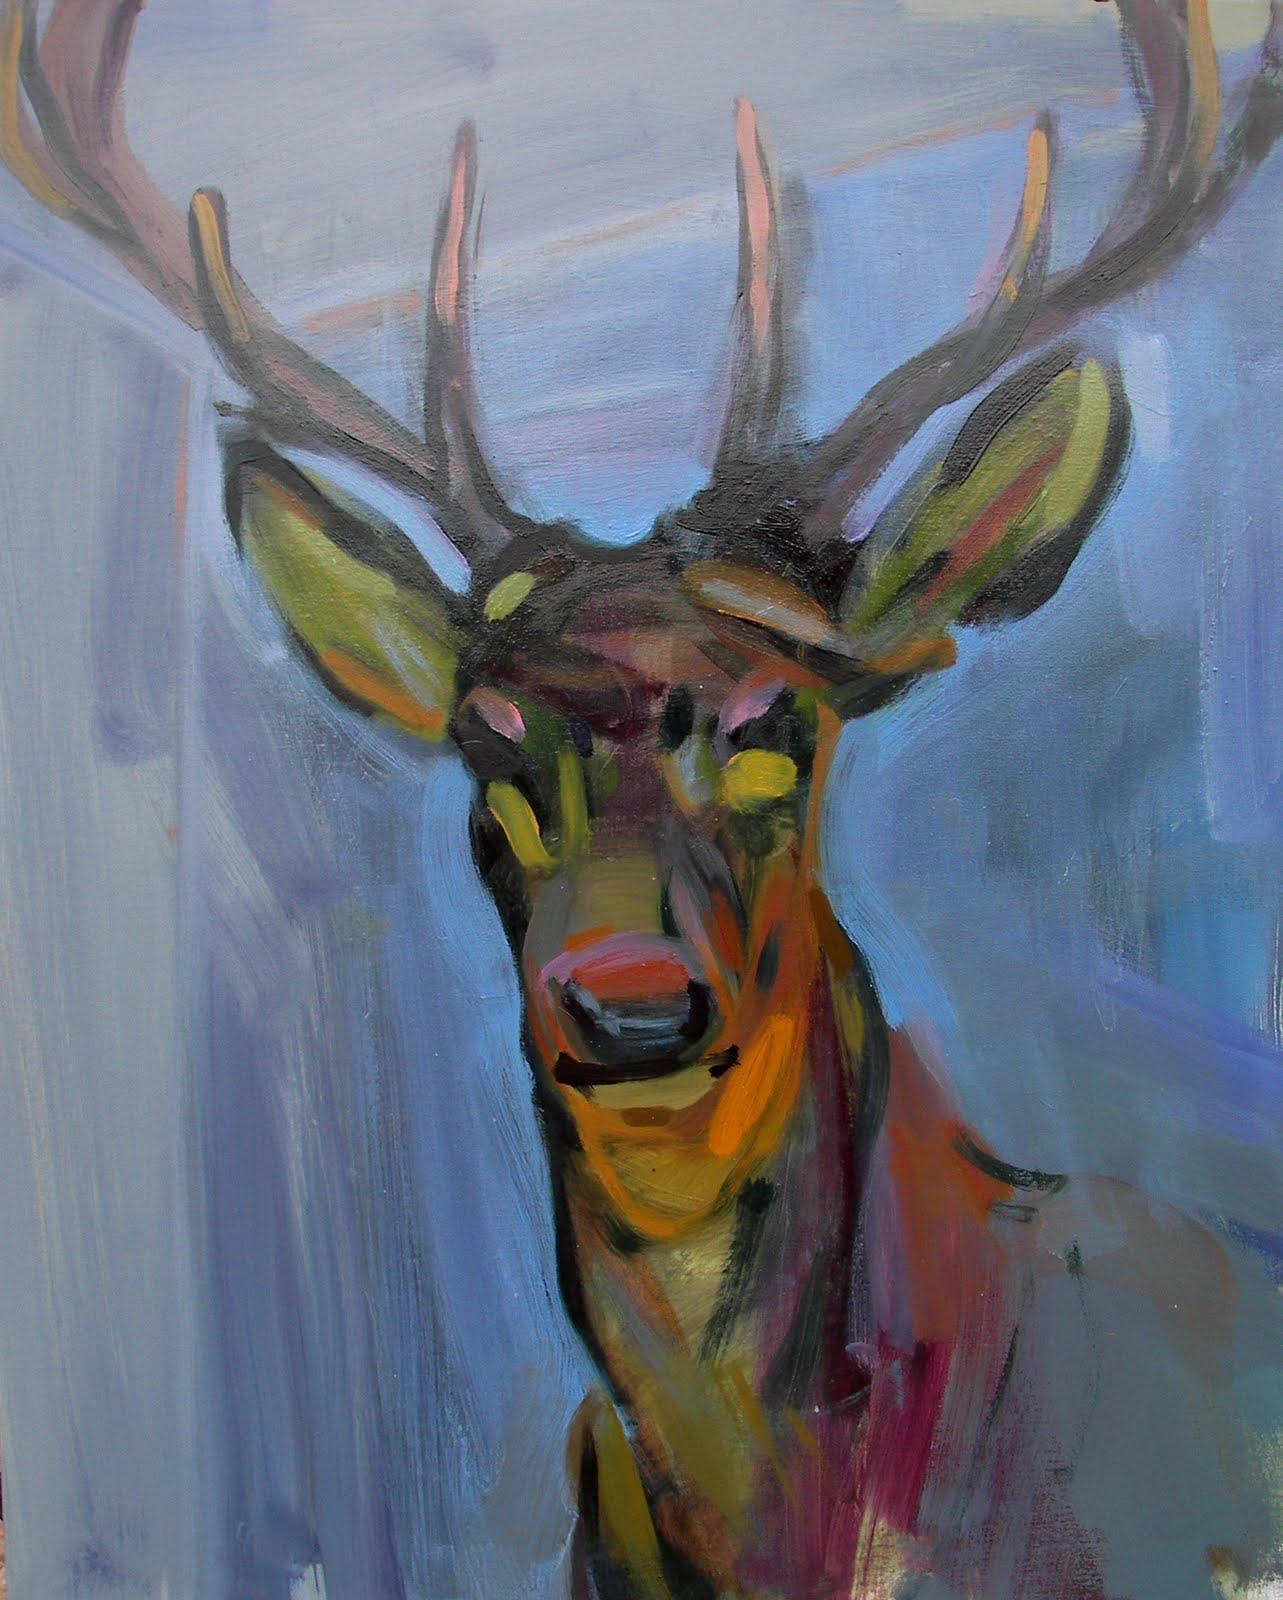 [Arturo+Melero+-+Squint+deer.jpg target=]